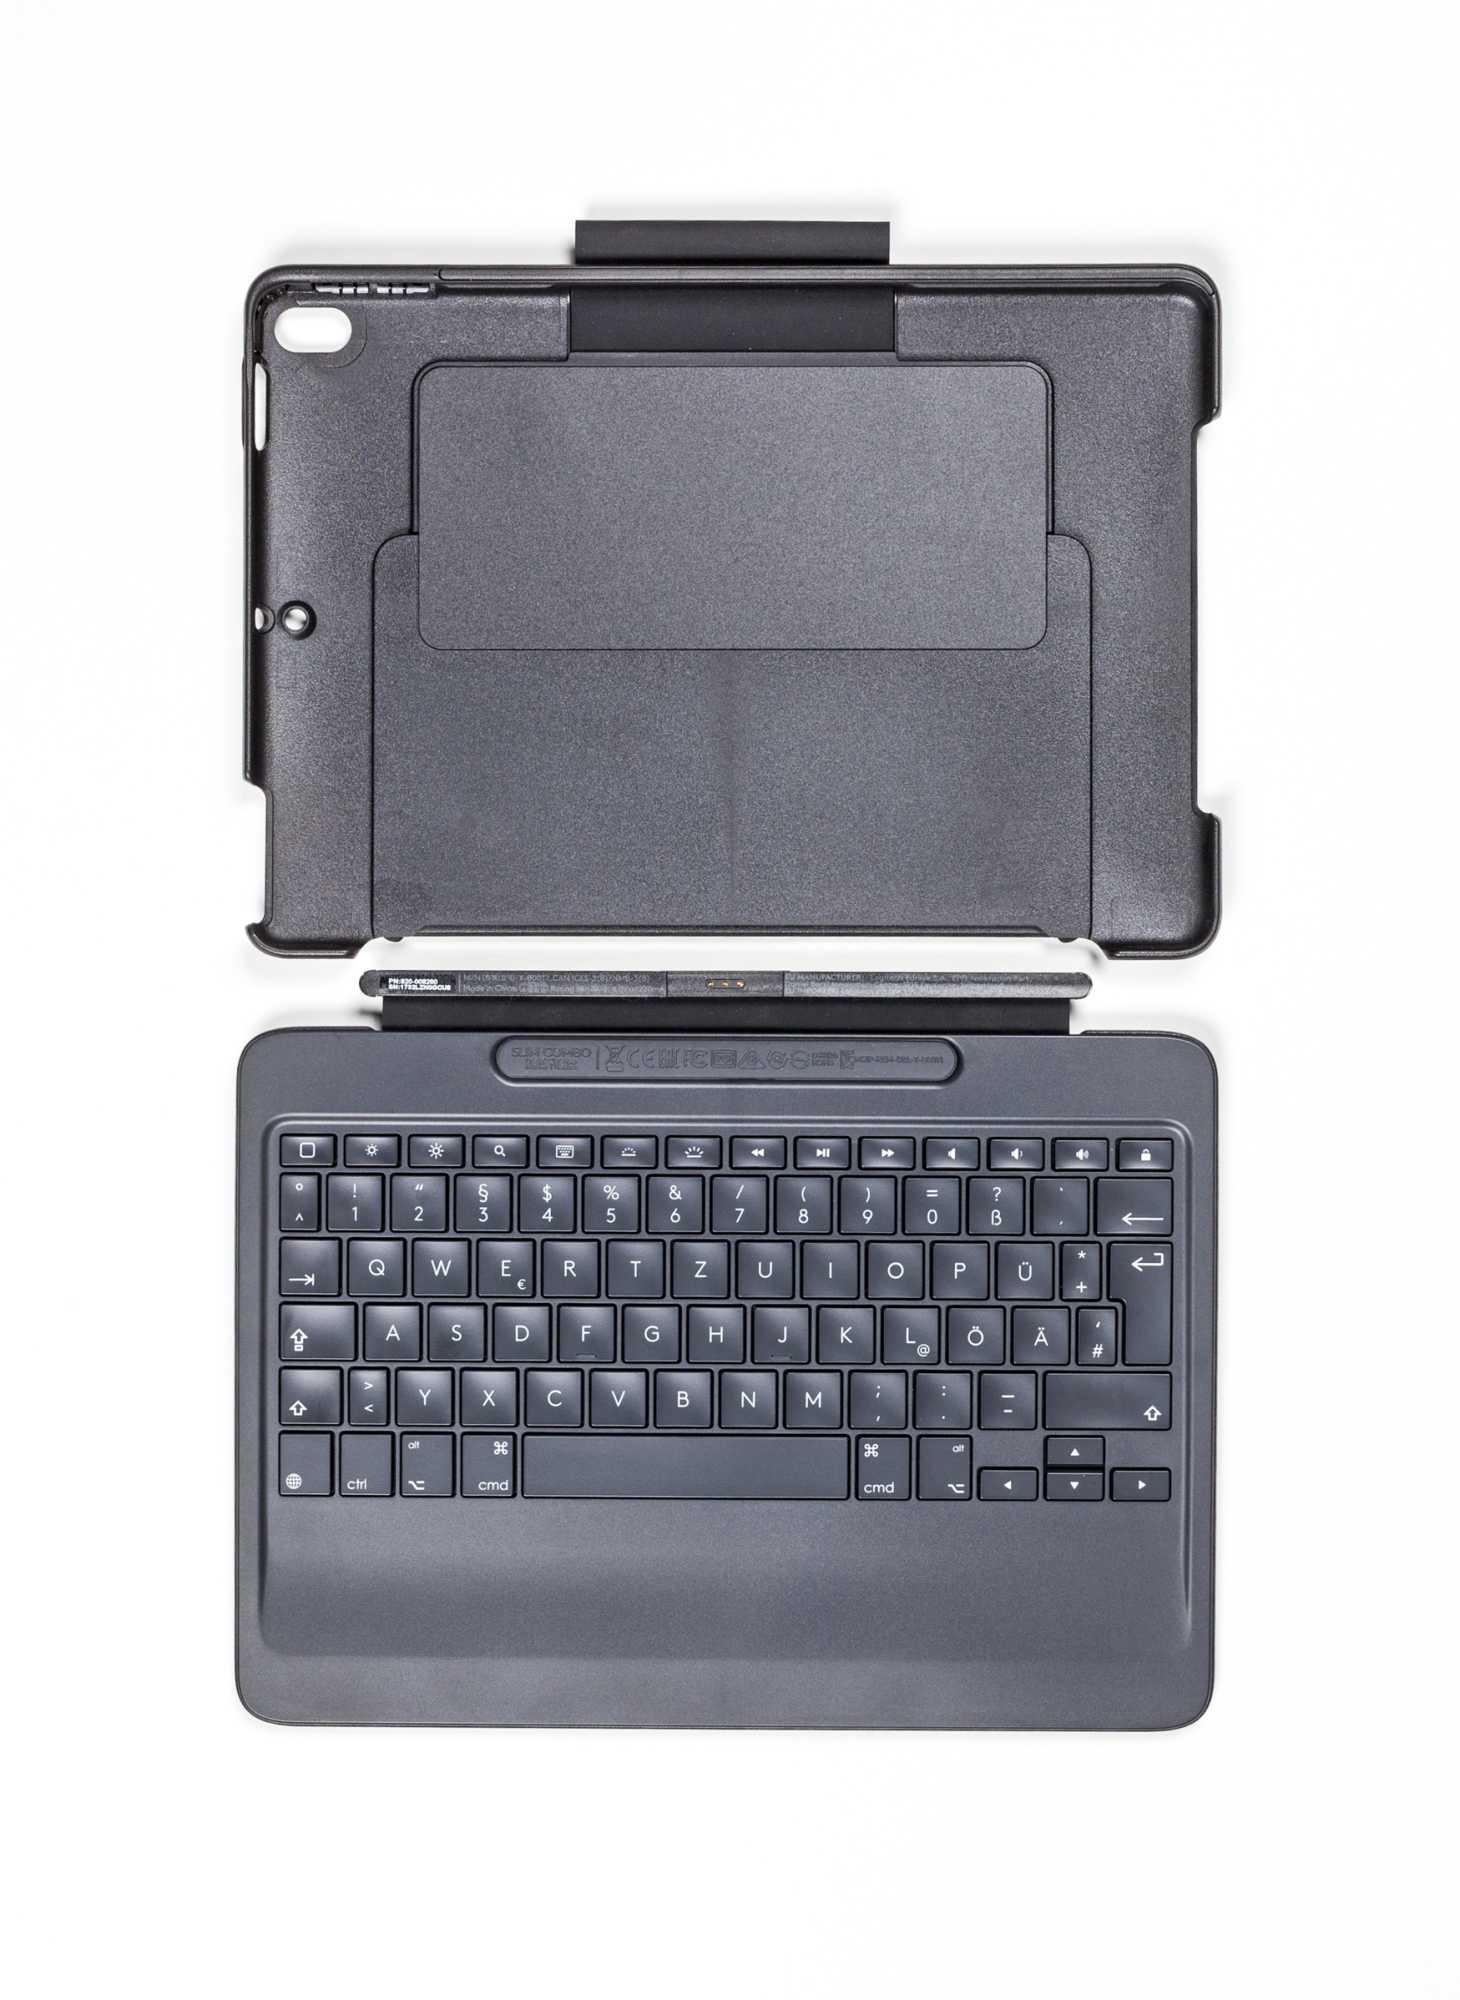 Logitechs Slim Combo trägt dick auf [--] dafür vereint es eine gute Tastatur mit Hintergrundbeleuchtung sowie eine Schutzhülle mit Ständer und Pencil-Halterung.